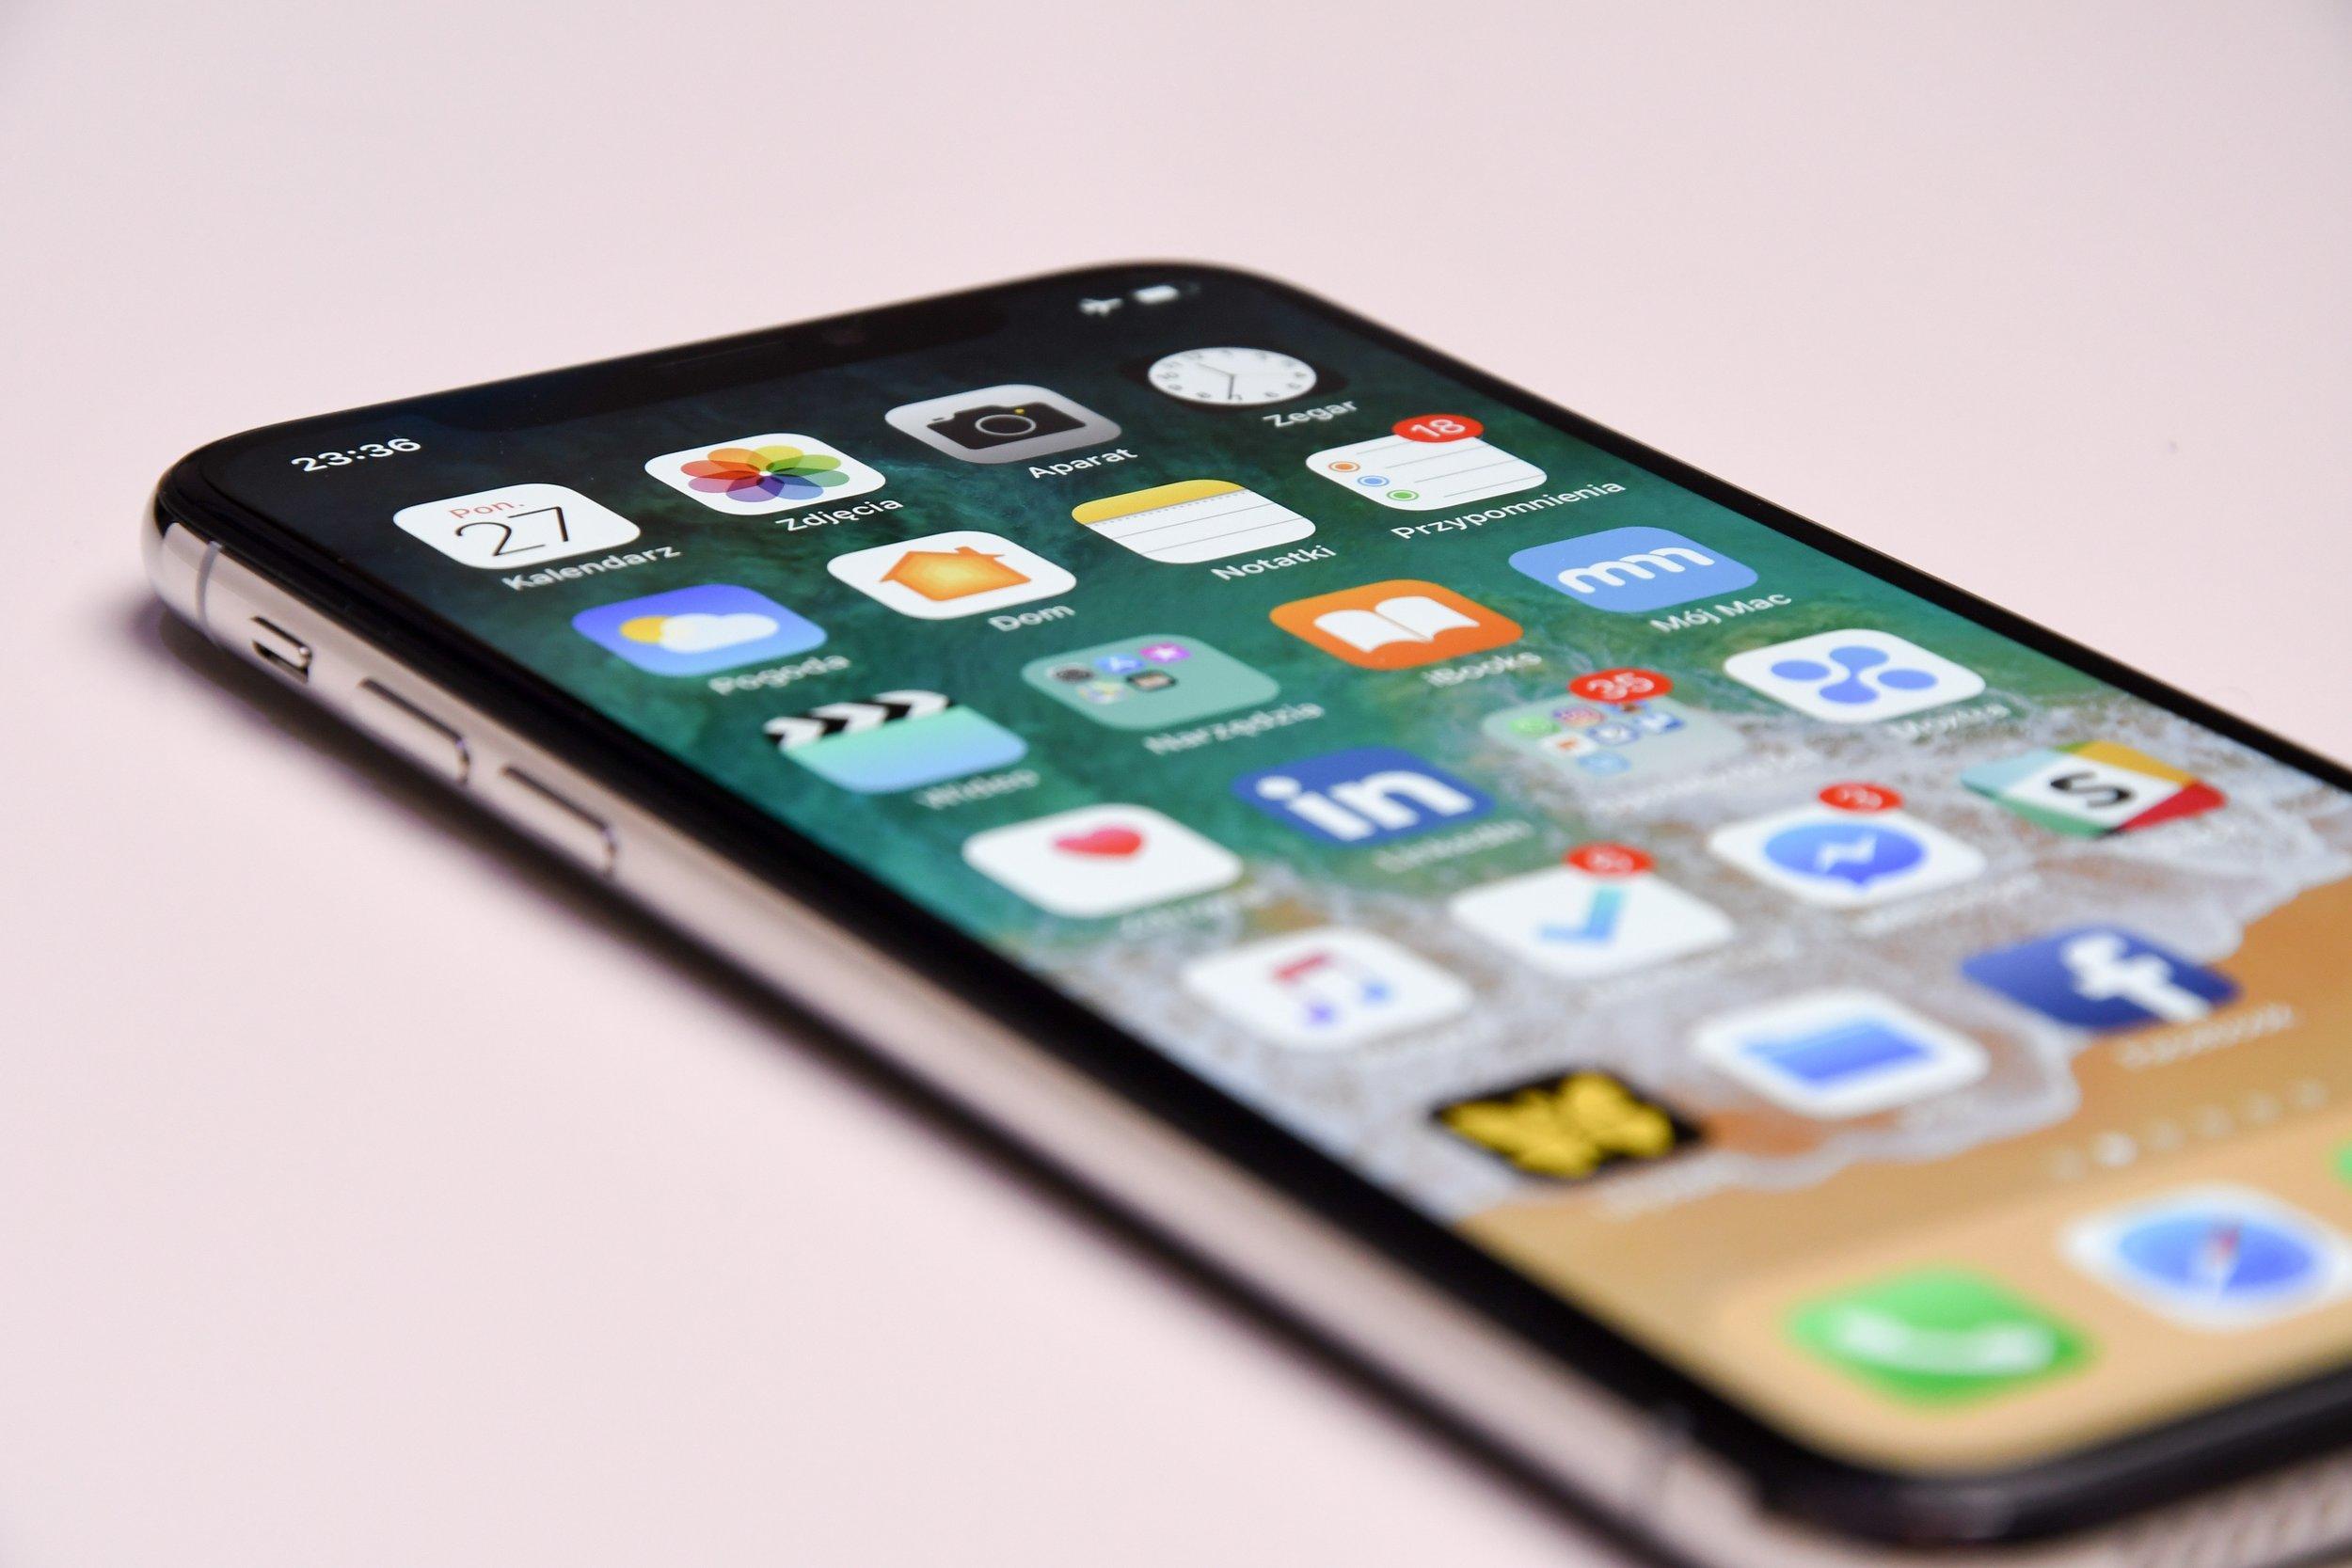 Silver iPhone X. Photo by Przemyslaw Marczynski.